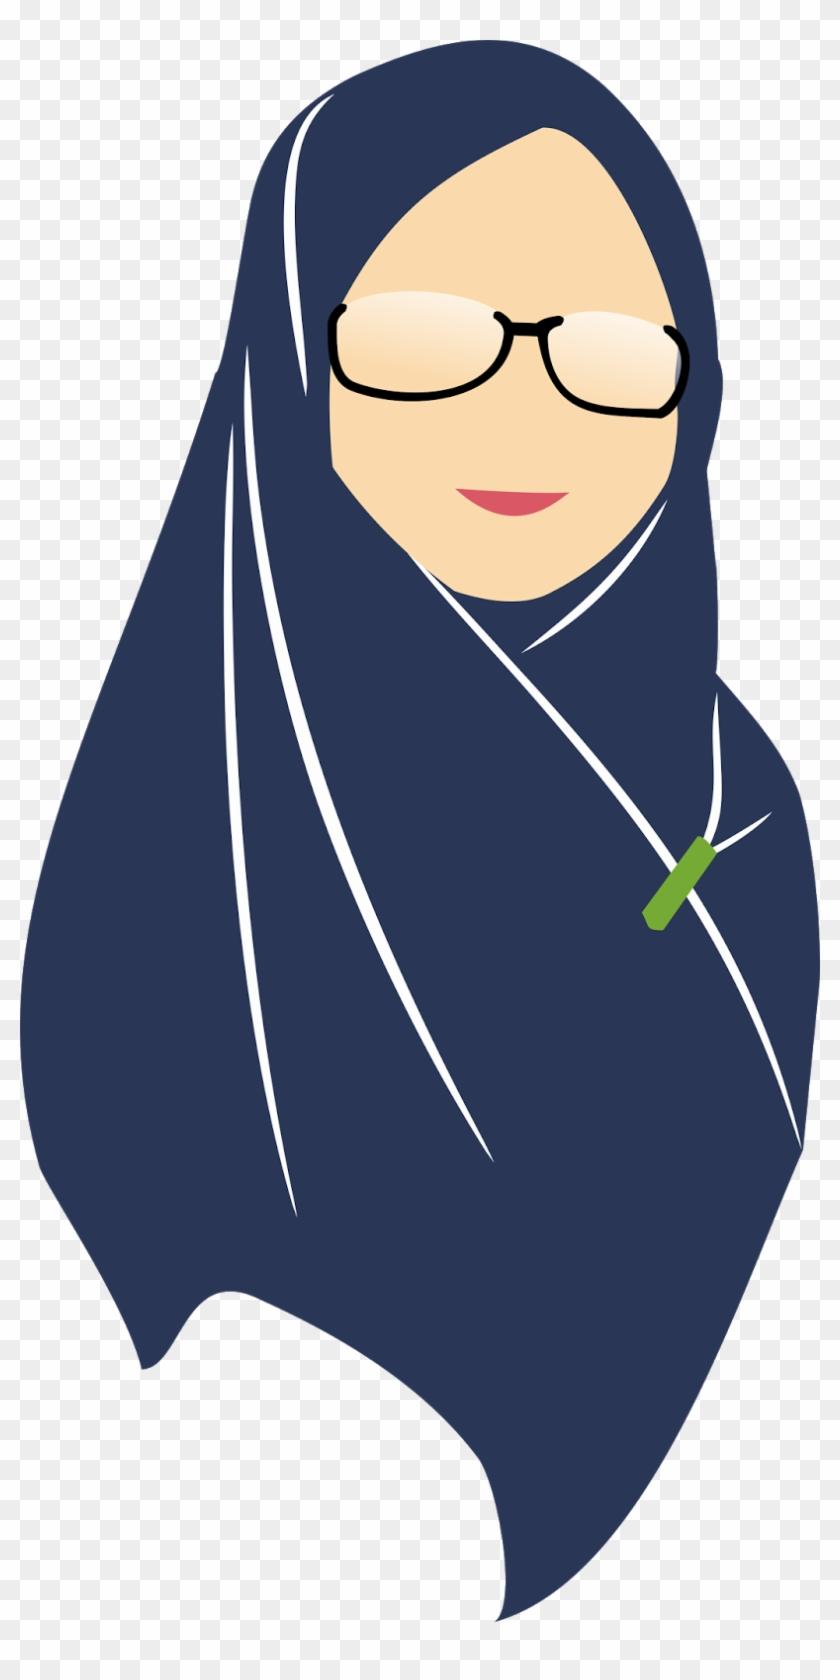 Flatdesign Hijab Hijab Free Transparent Png Clipart Images Download